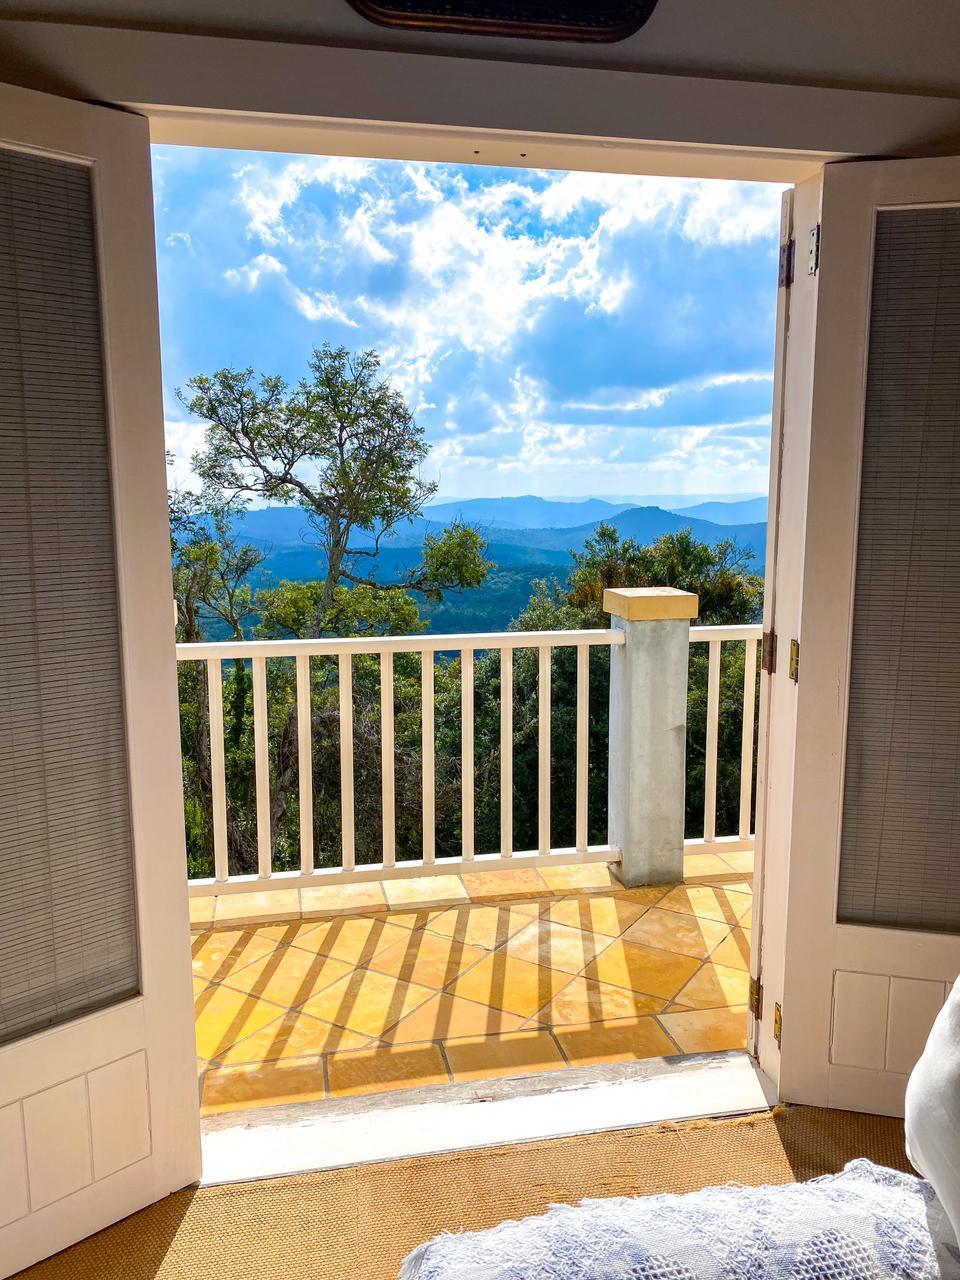 Villa Coração Guest House, em Monte Verde (MG) tem avaliação positiva neste inverno